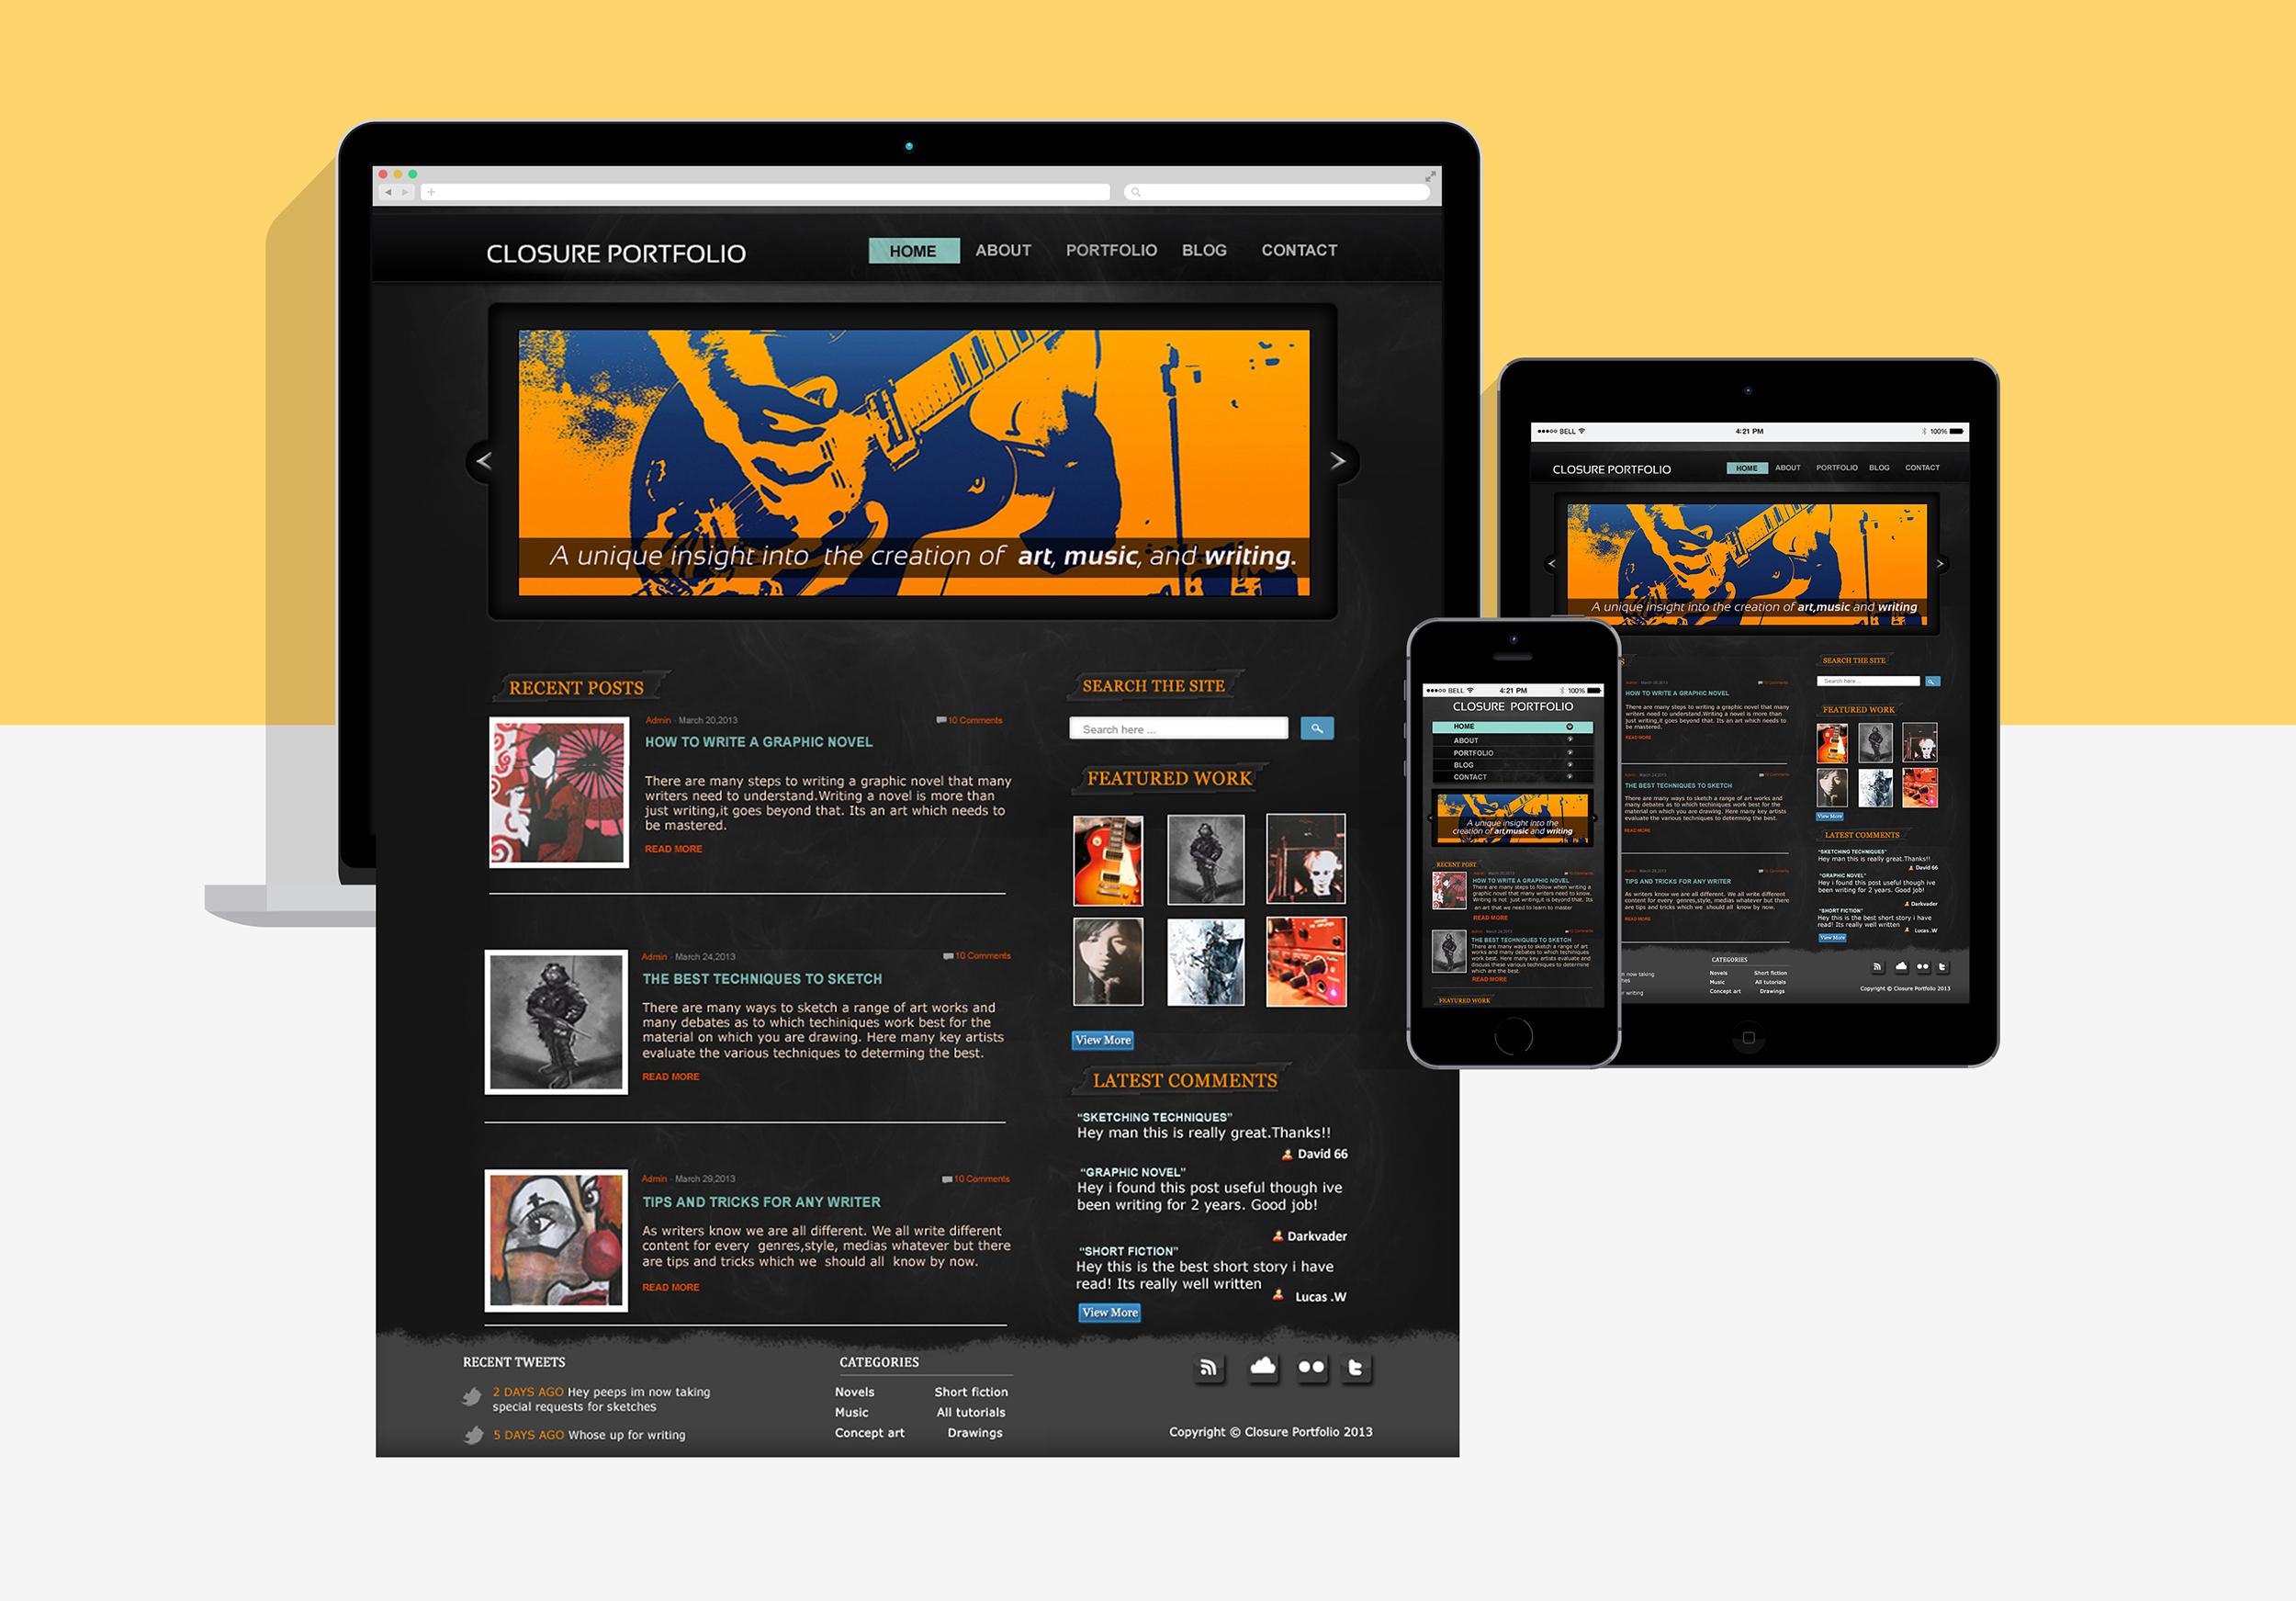 closure-portfolio-website